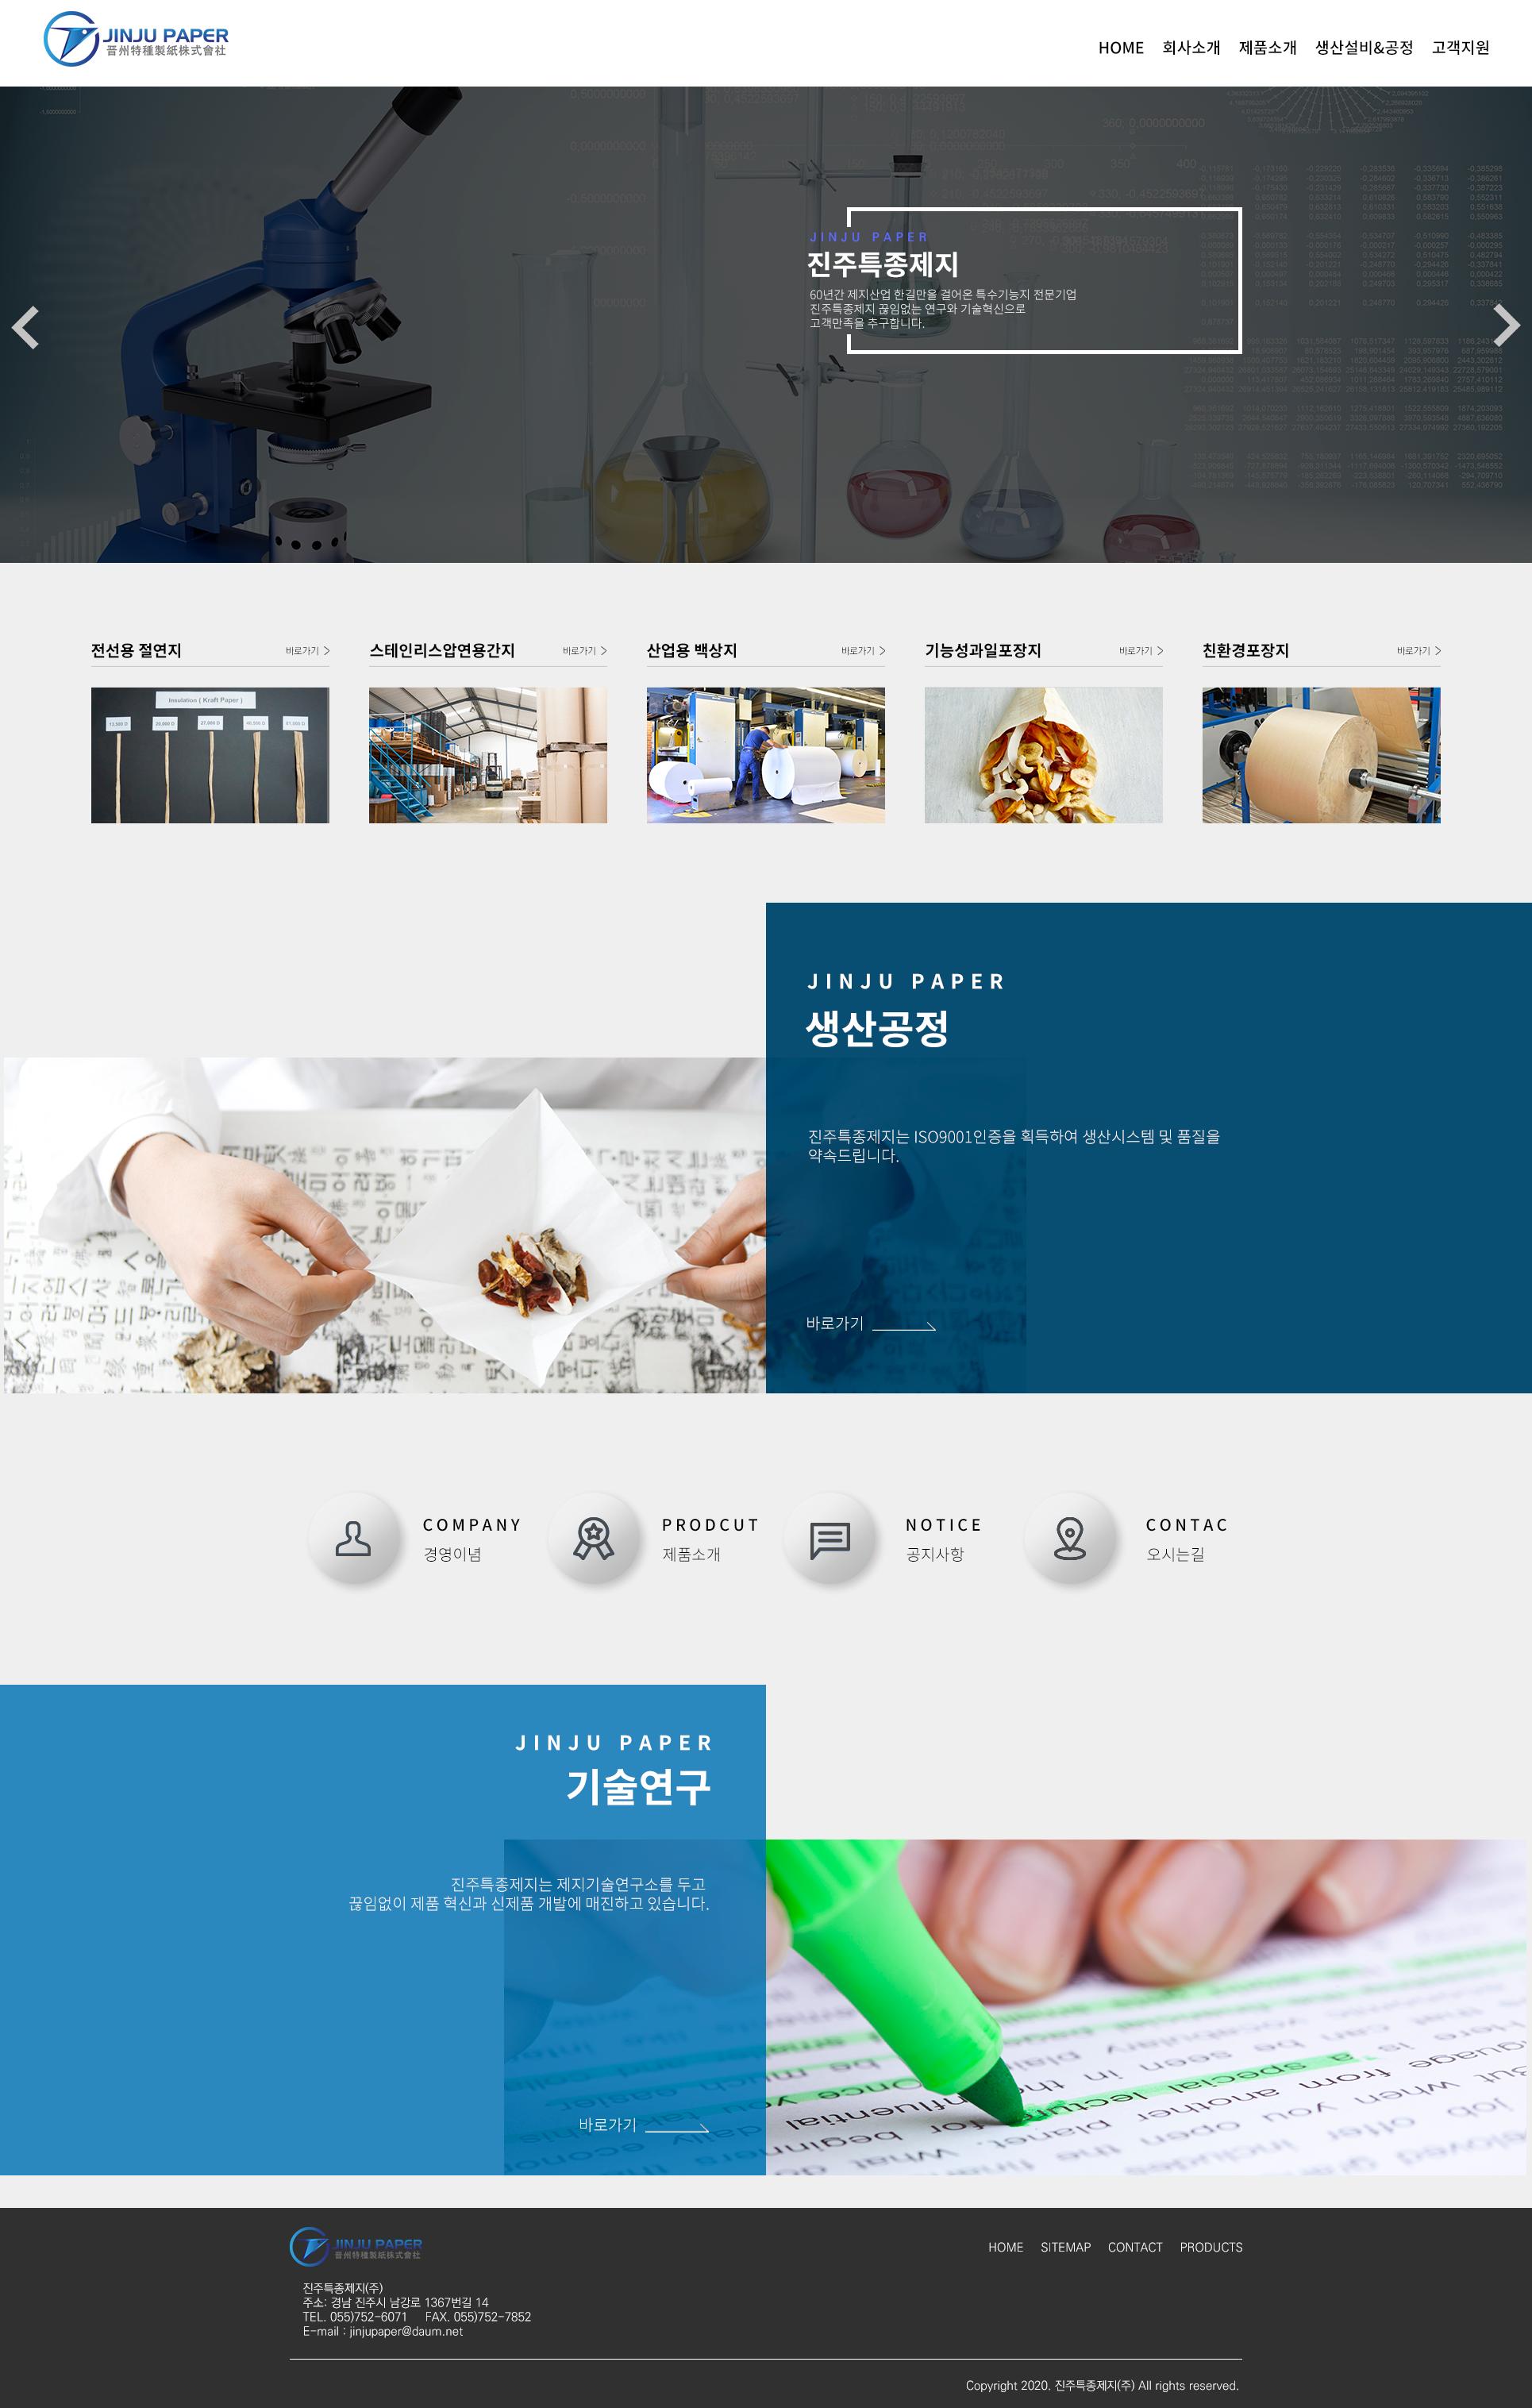 [반응형 회사홈페이지] 종이, 제지분야 전문기업 주식회사 진주특종제지